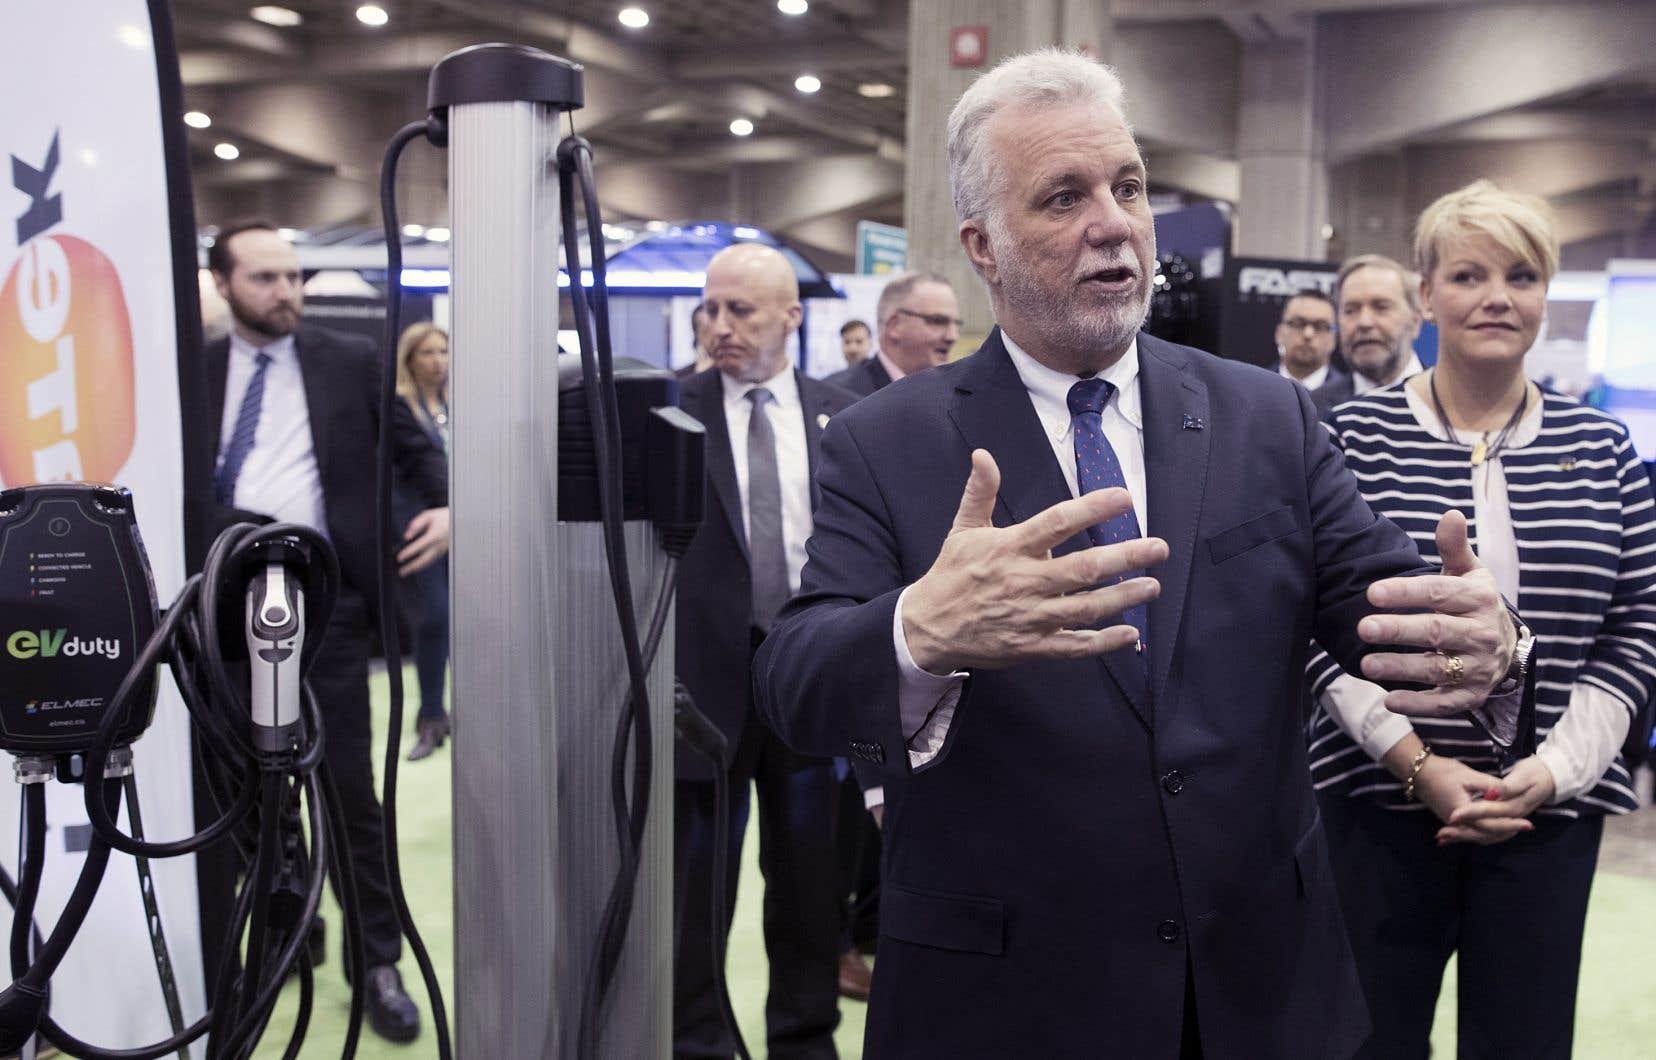 Projet phare du gouvernement Couillard, la Politique de mobilité durable, présentée en avril dernier par le premier ministre, a été très bien accueillie par le petit écosystème du transport québécois.